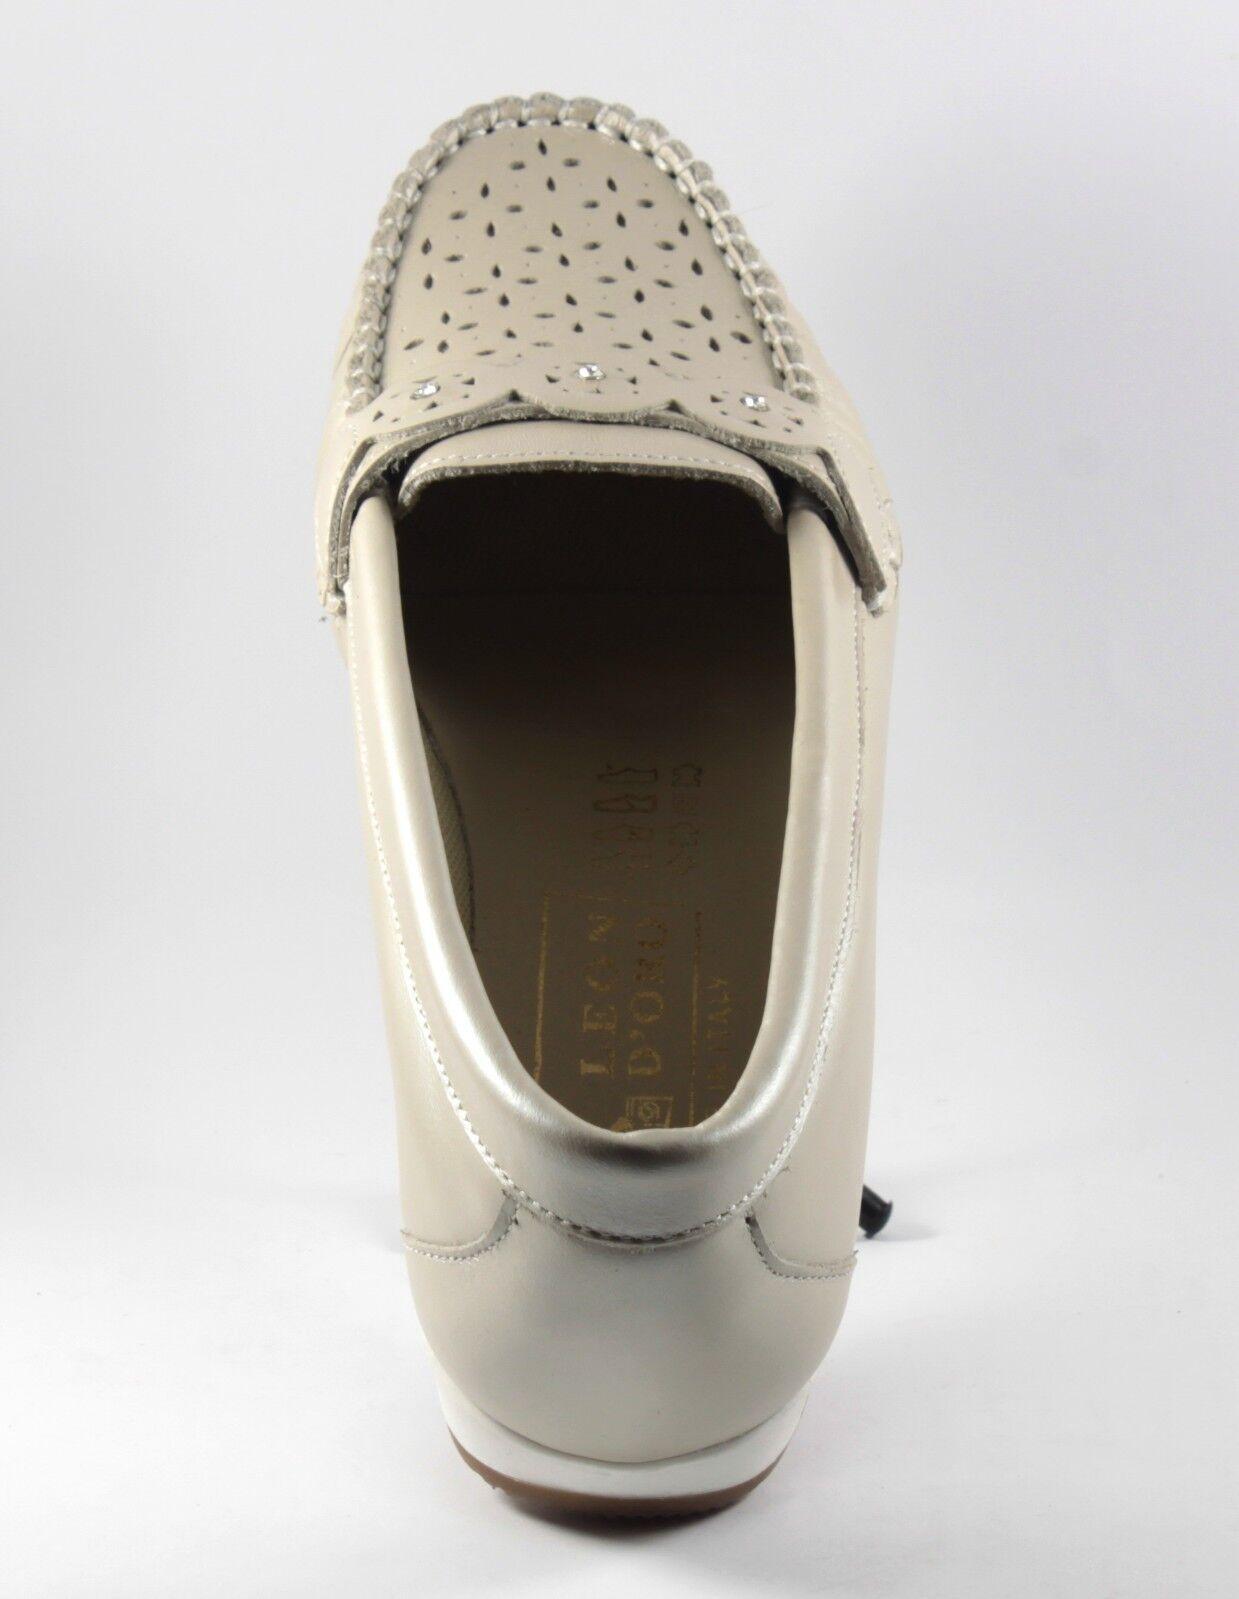 Pelle Zapatillas In Mujer Morbidissime Colore Zapatos Mocassini w8nPkX0O